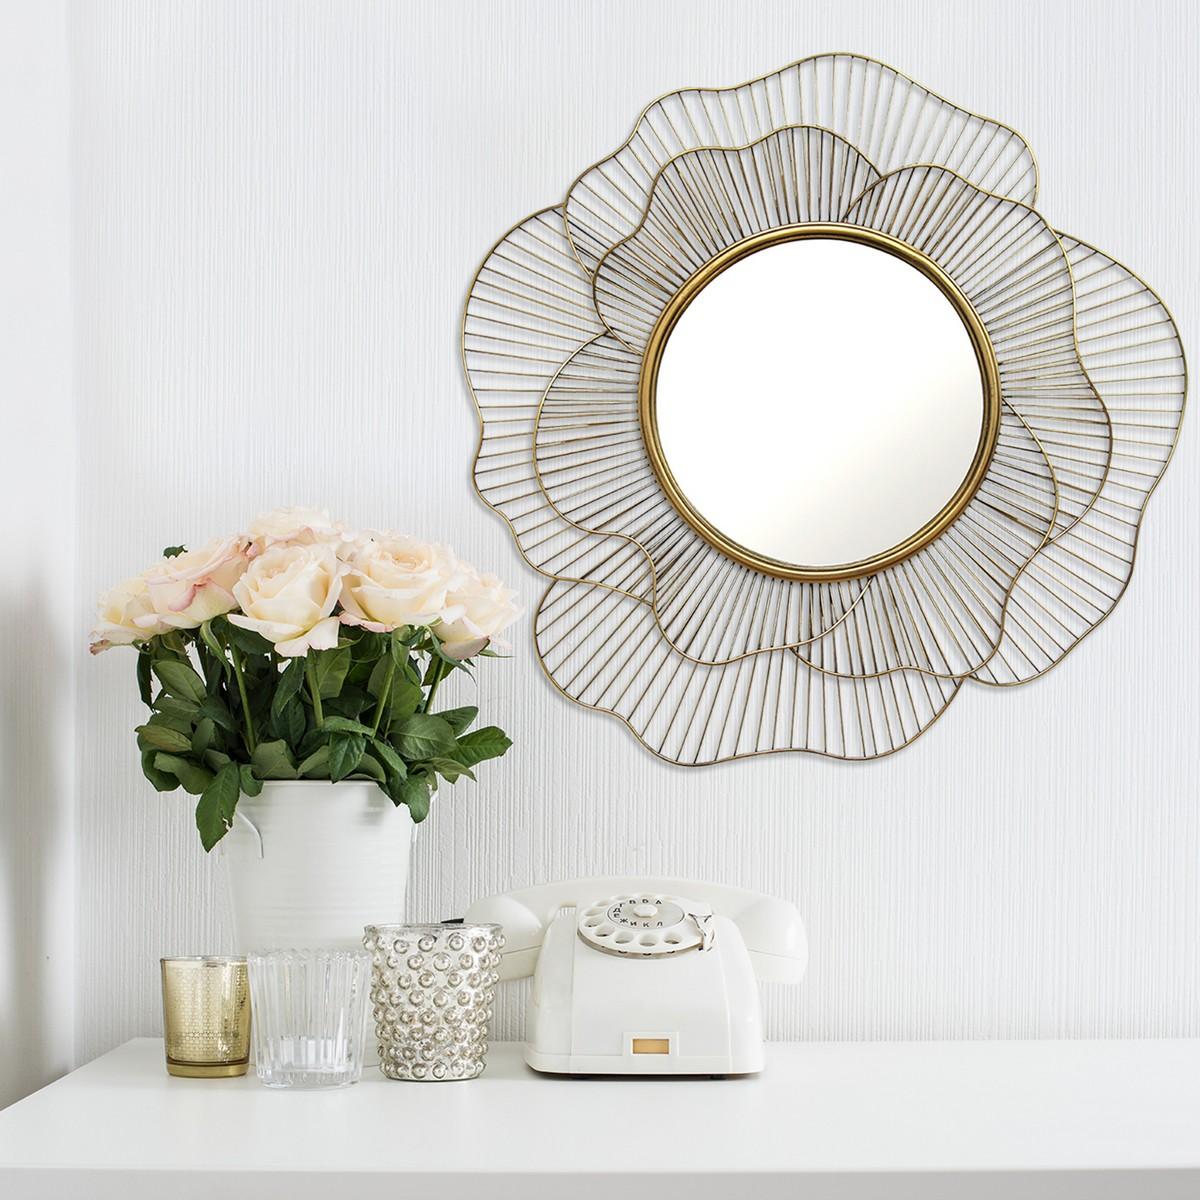 Stratton Home Decor Stella Wall Mirror - Gold